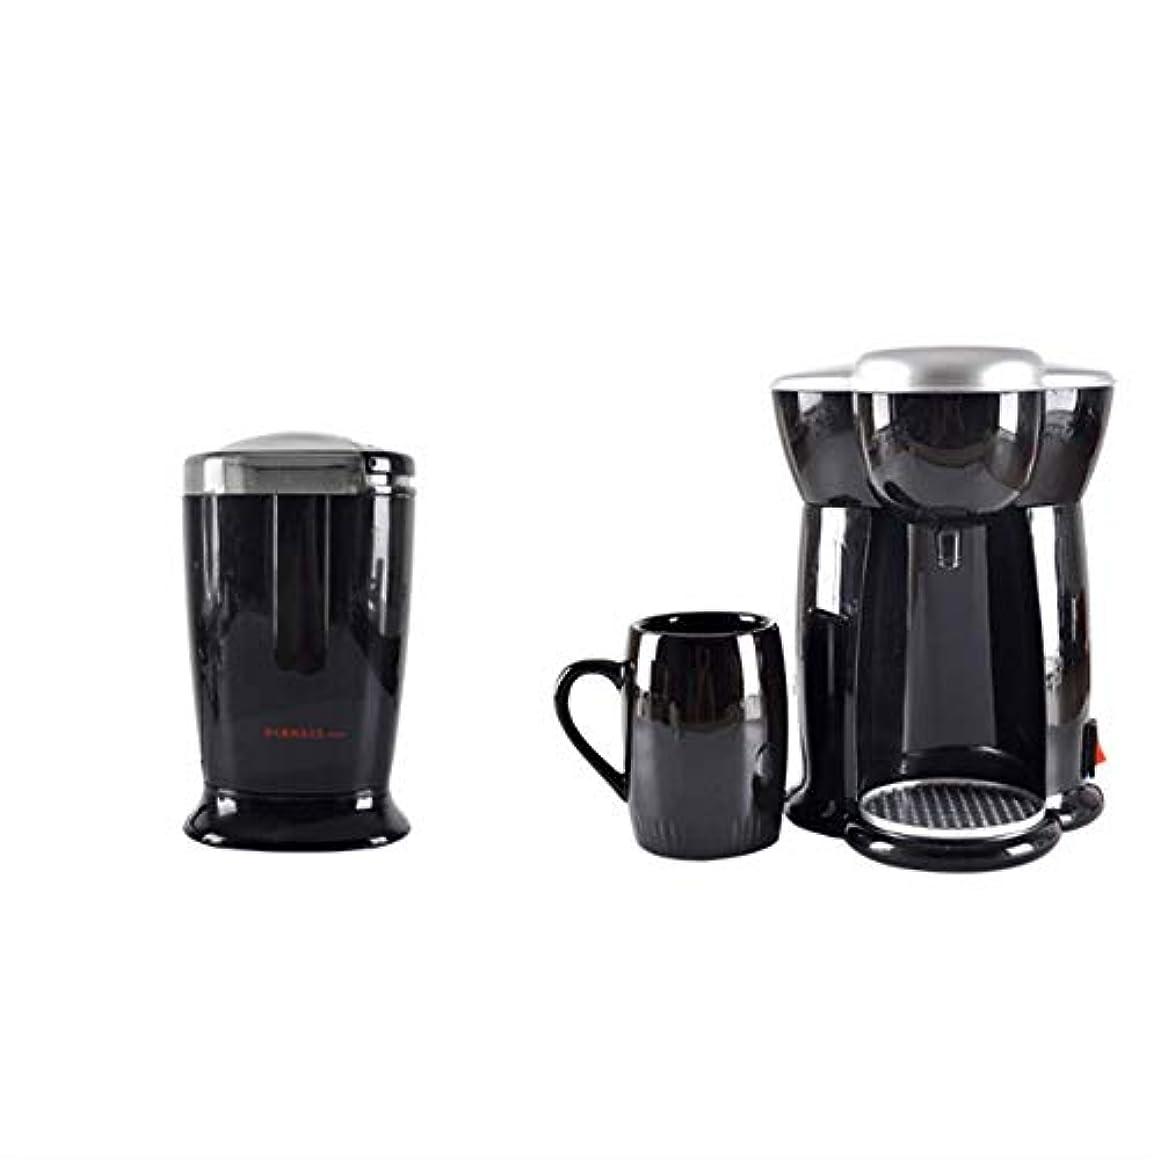 これら逃げるピックポータブルシングルカップコーヒーマシン、再利用可能、コンパクトで耐久性があり、忙しい朝に最適、家庭やコーヒーショップに最適